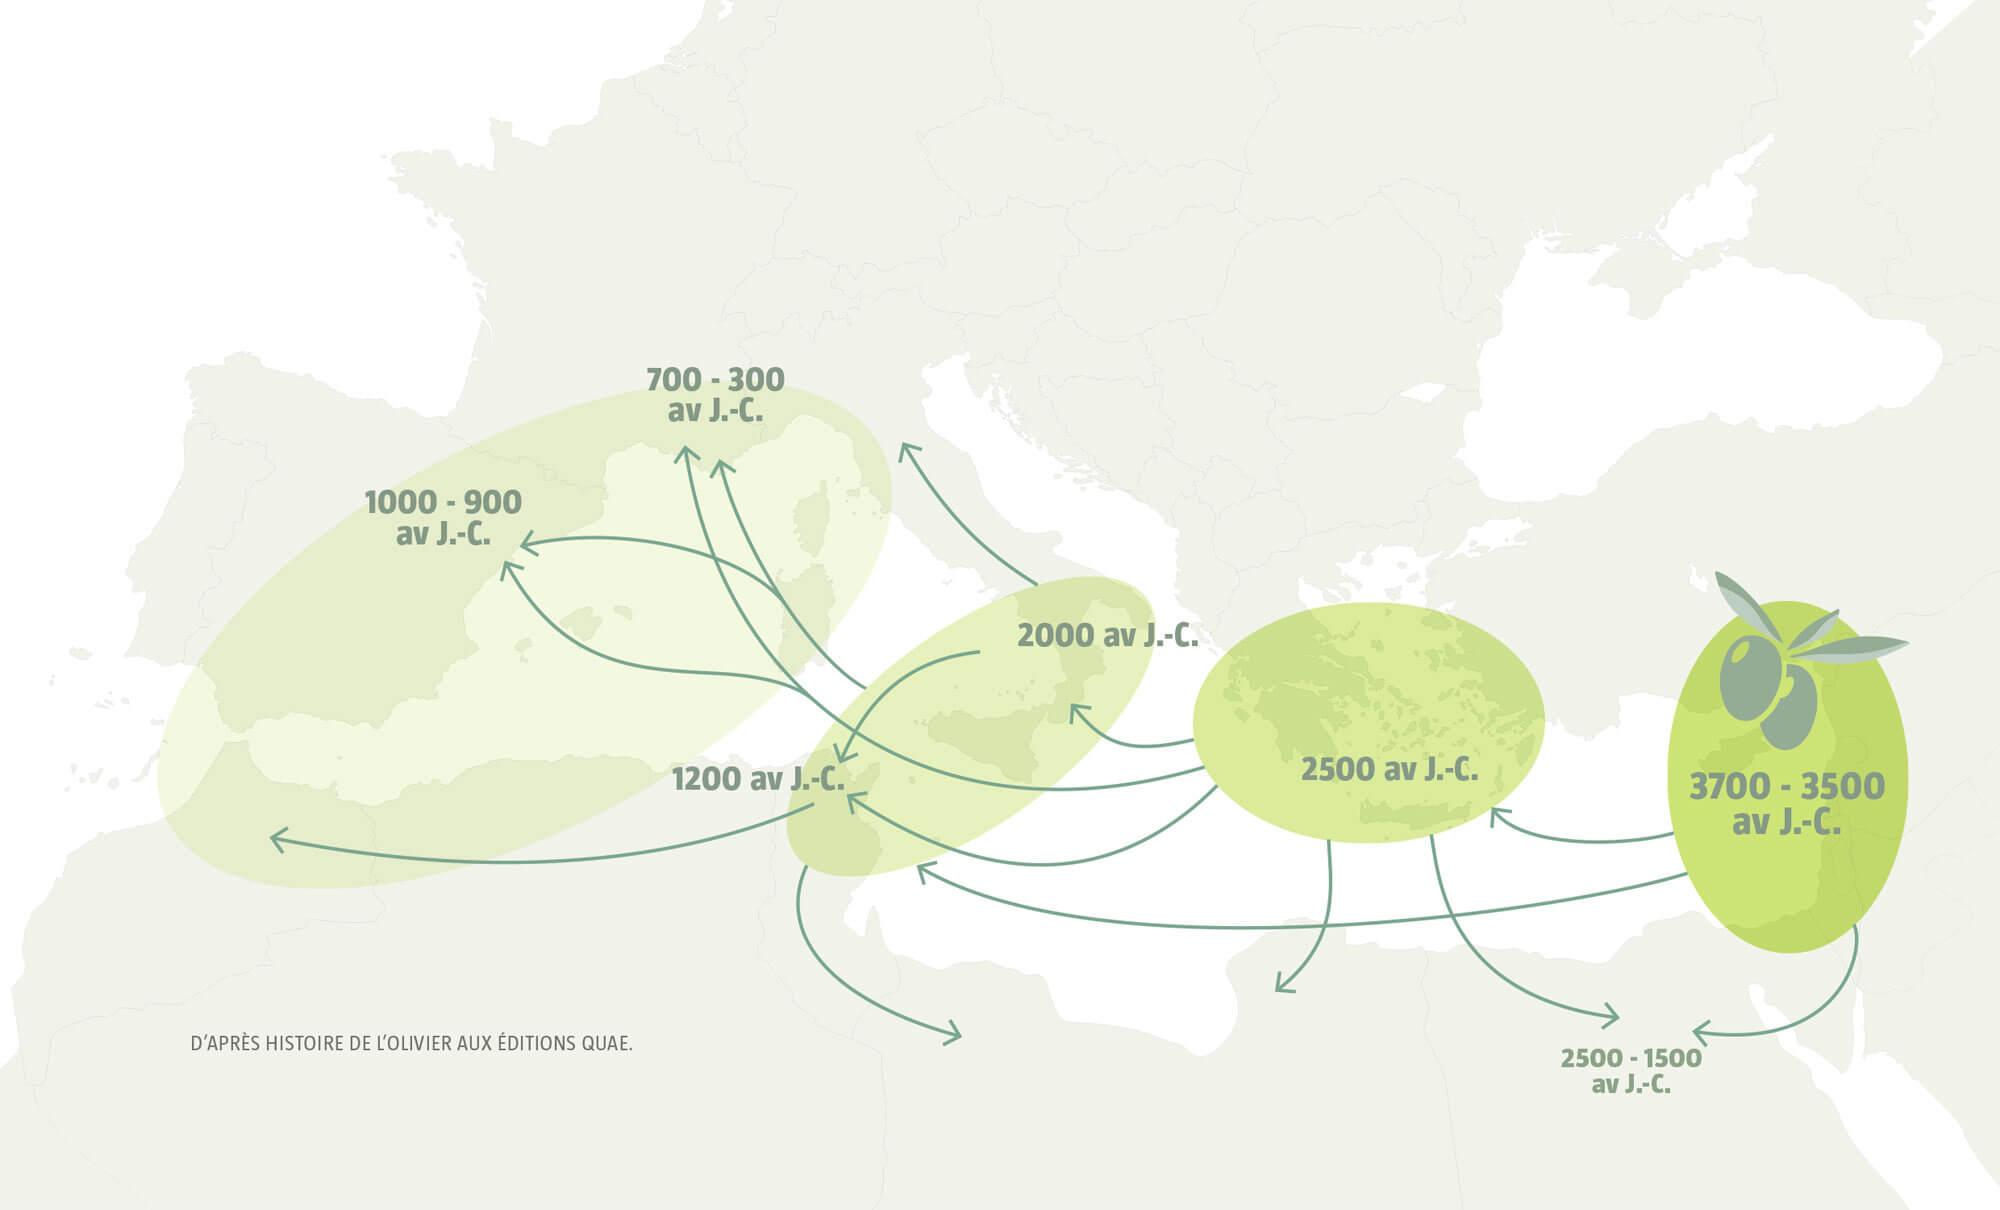 Des racines au Levant, ou les origines des oliviers - La Salamandre carte